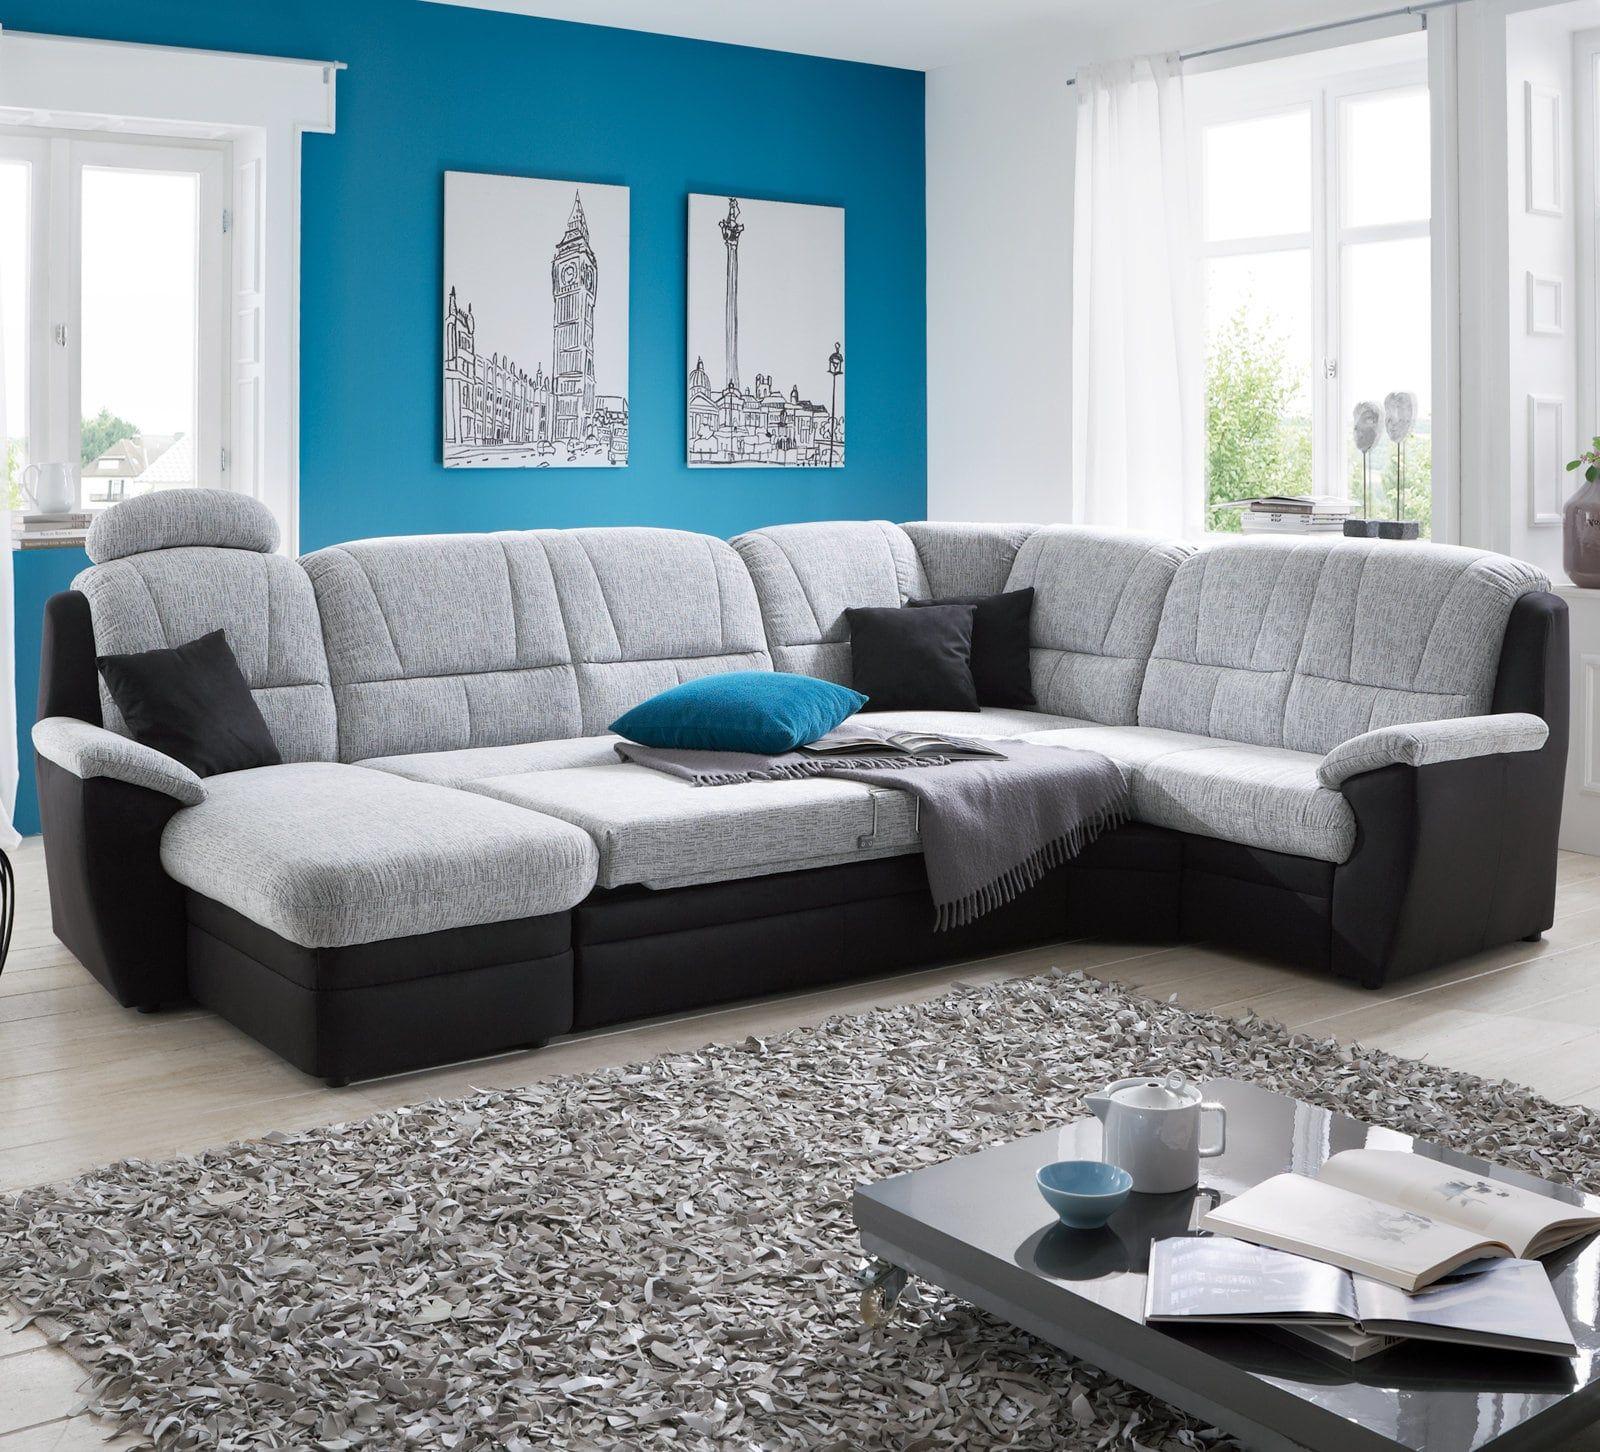 Pin by ROLLER Clever einrichten on Wohnen Garnituren